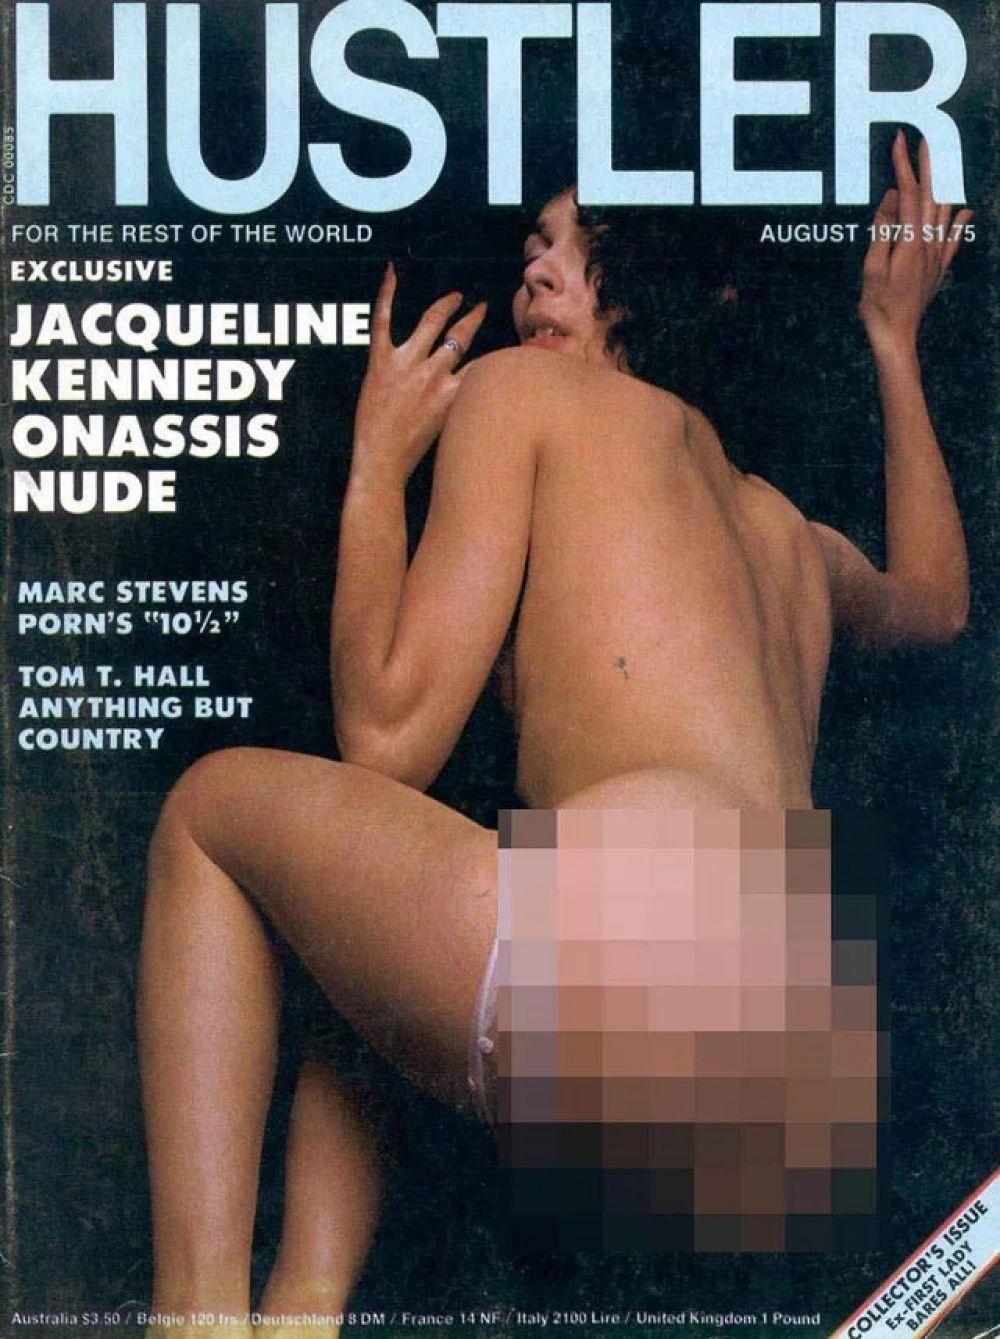 Ларри Флинт решил, что его журнал будет самым непристойным в Америке — только так ему удастся конкурировать с  Playboy и Penthouse. Когда ему принесли снимки обнаженной Жаклин Кеннеди, вдовы президента, Флинт их опубликовал. Номер имел сумасшедший успех, а тиражи журнала стали миллионными.